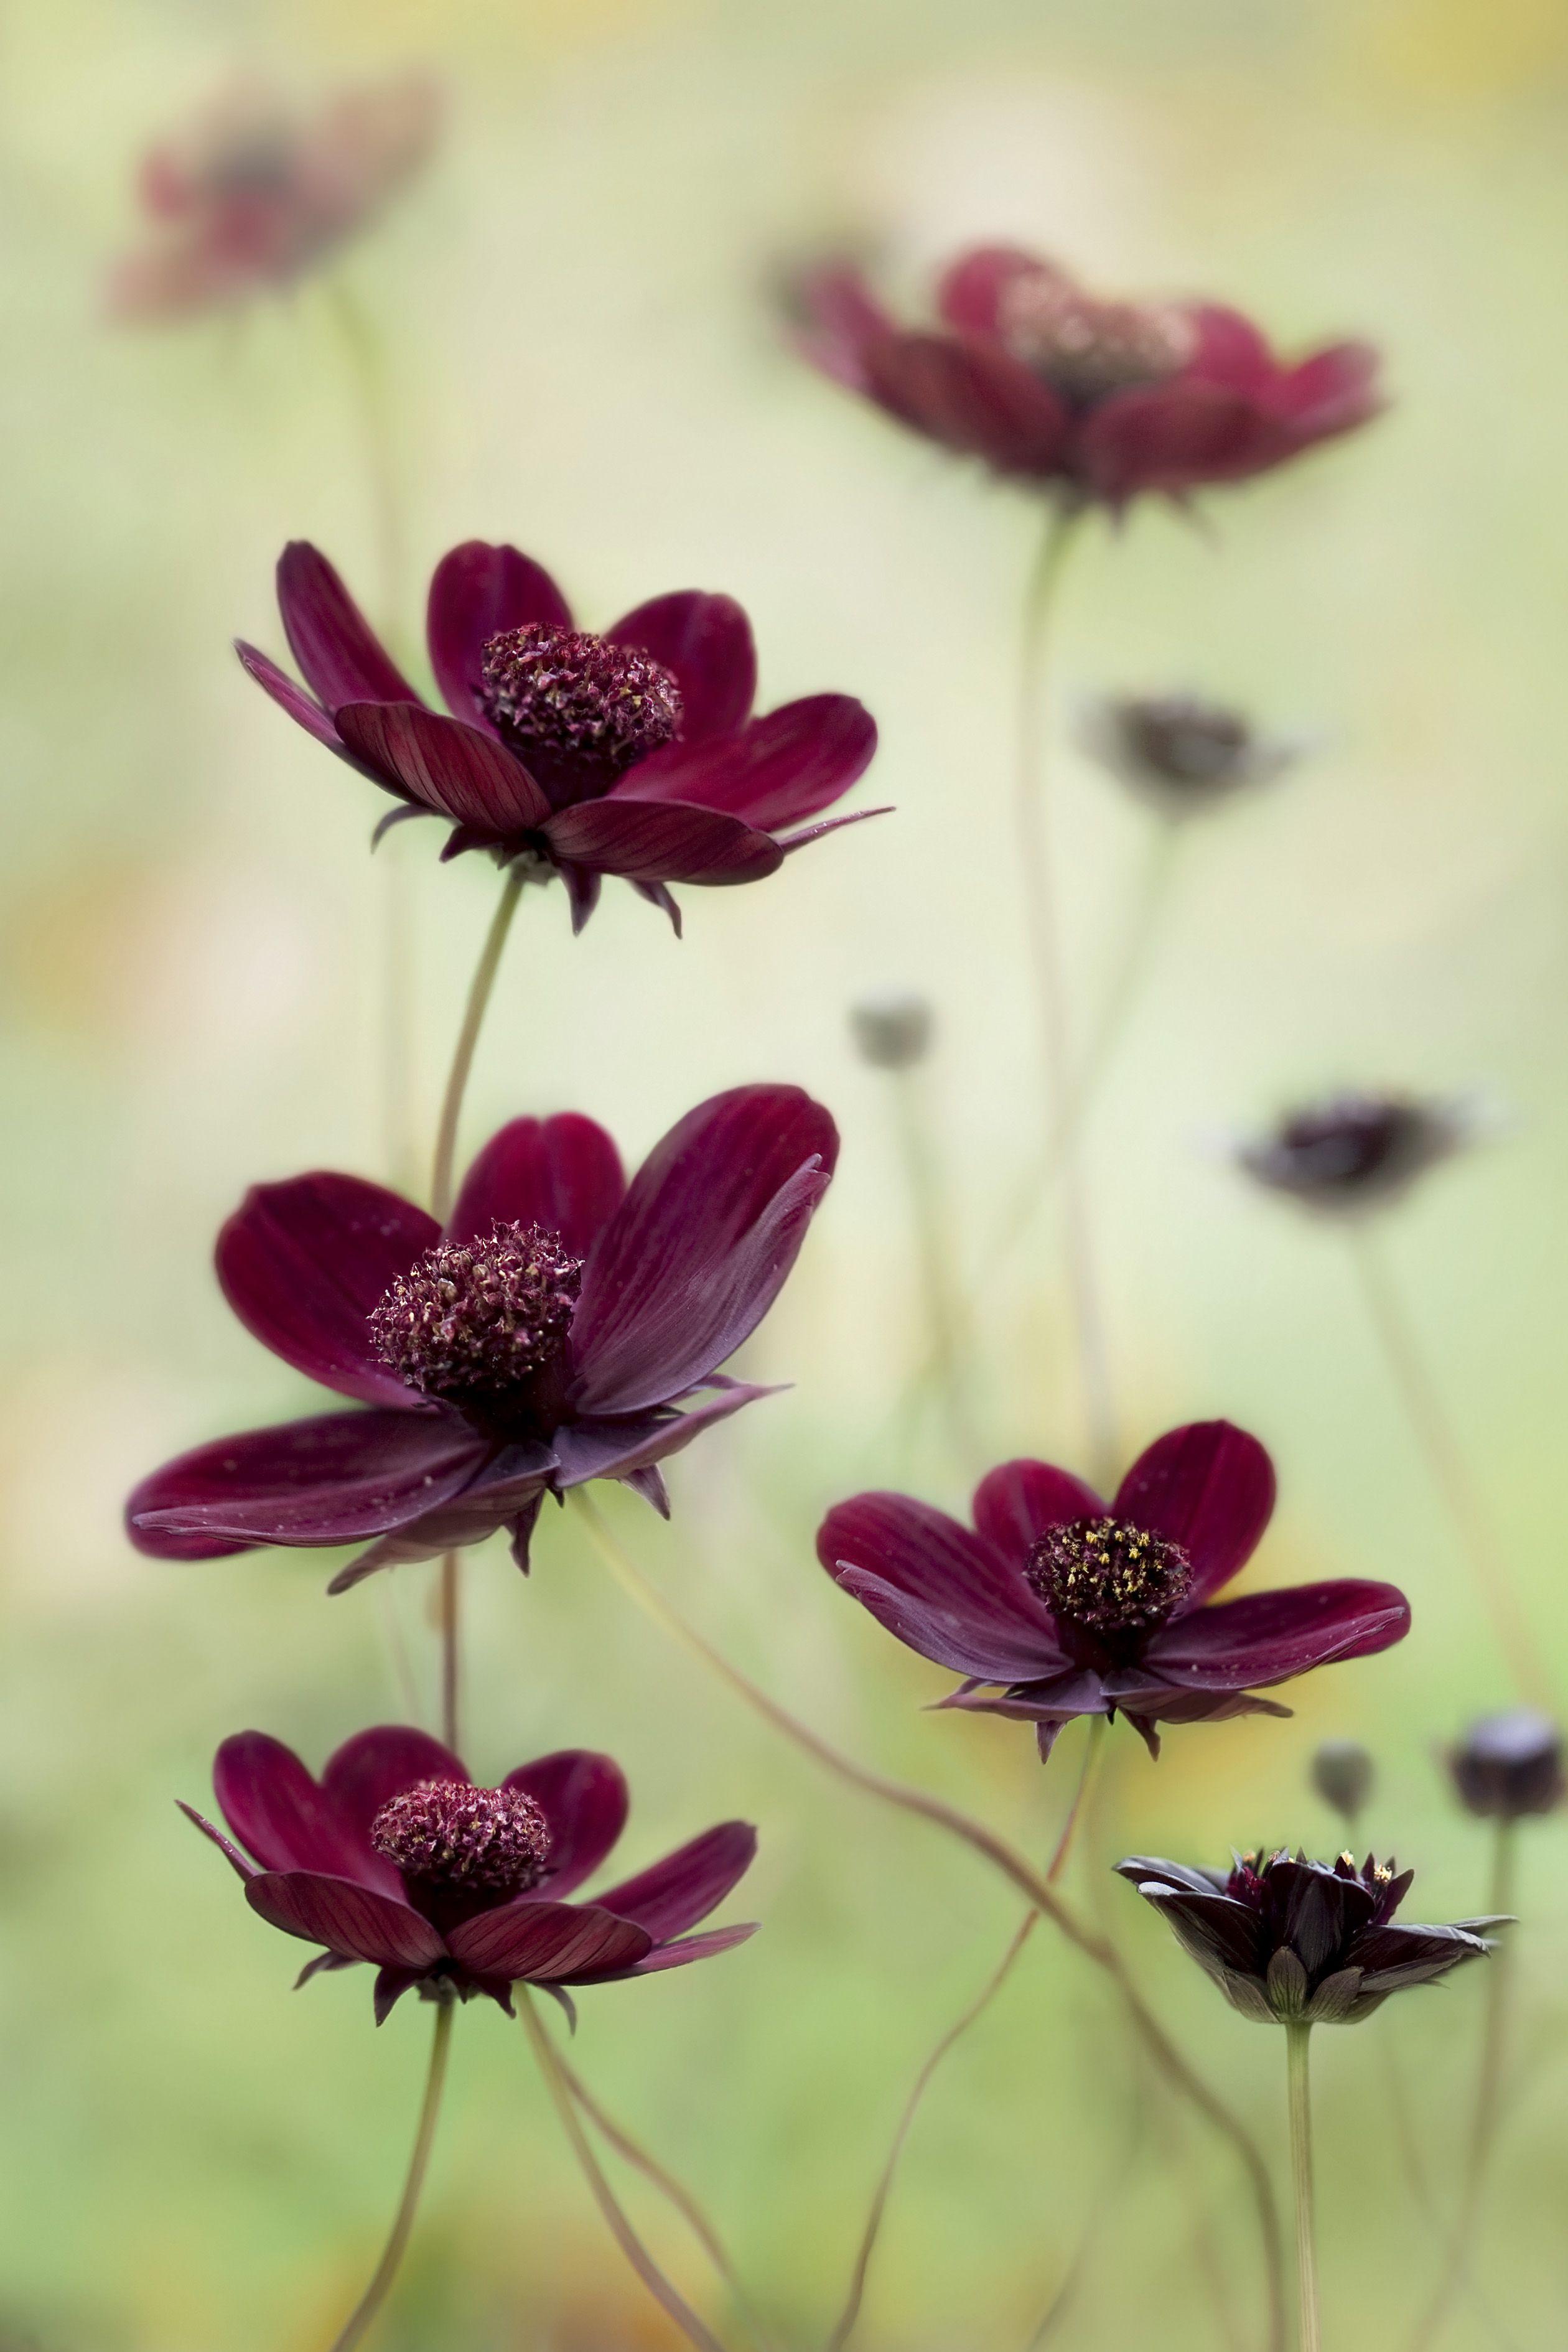 Chocolade cosmos cosmea atrosanguinea een bloem met een